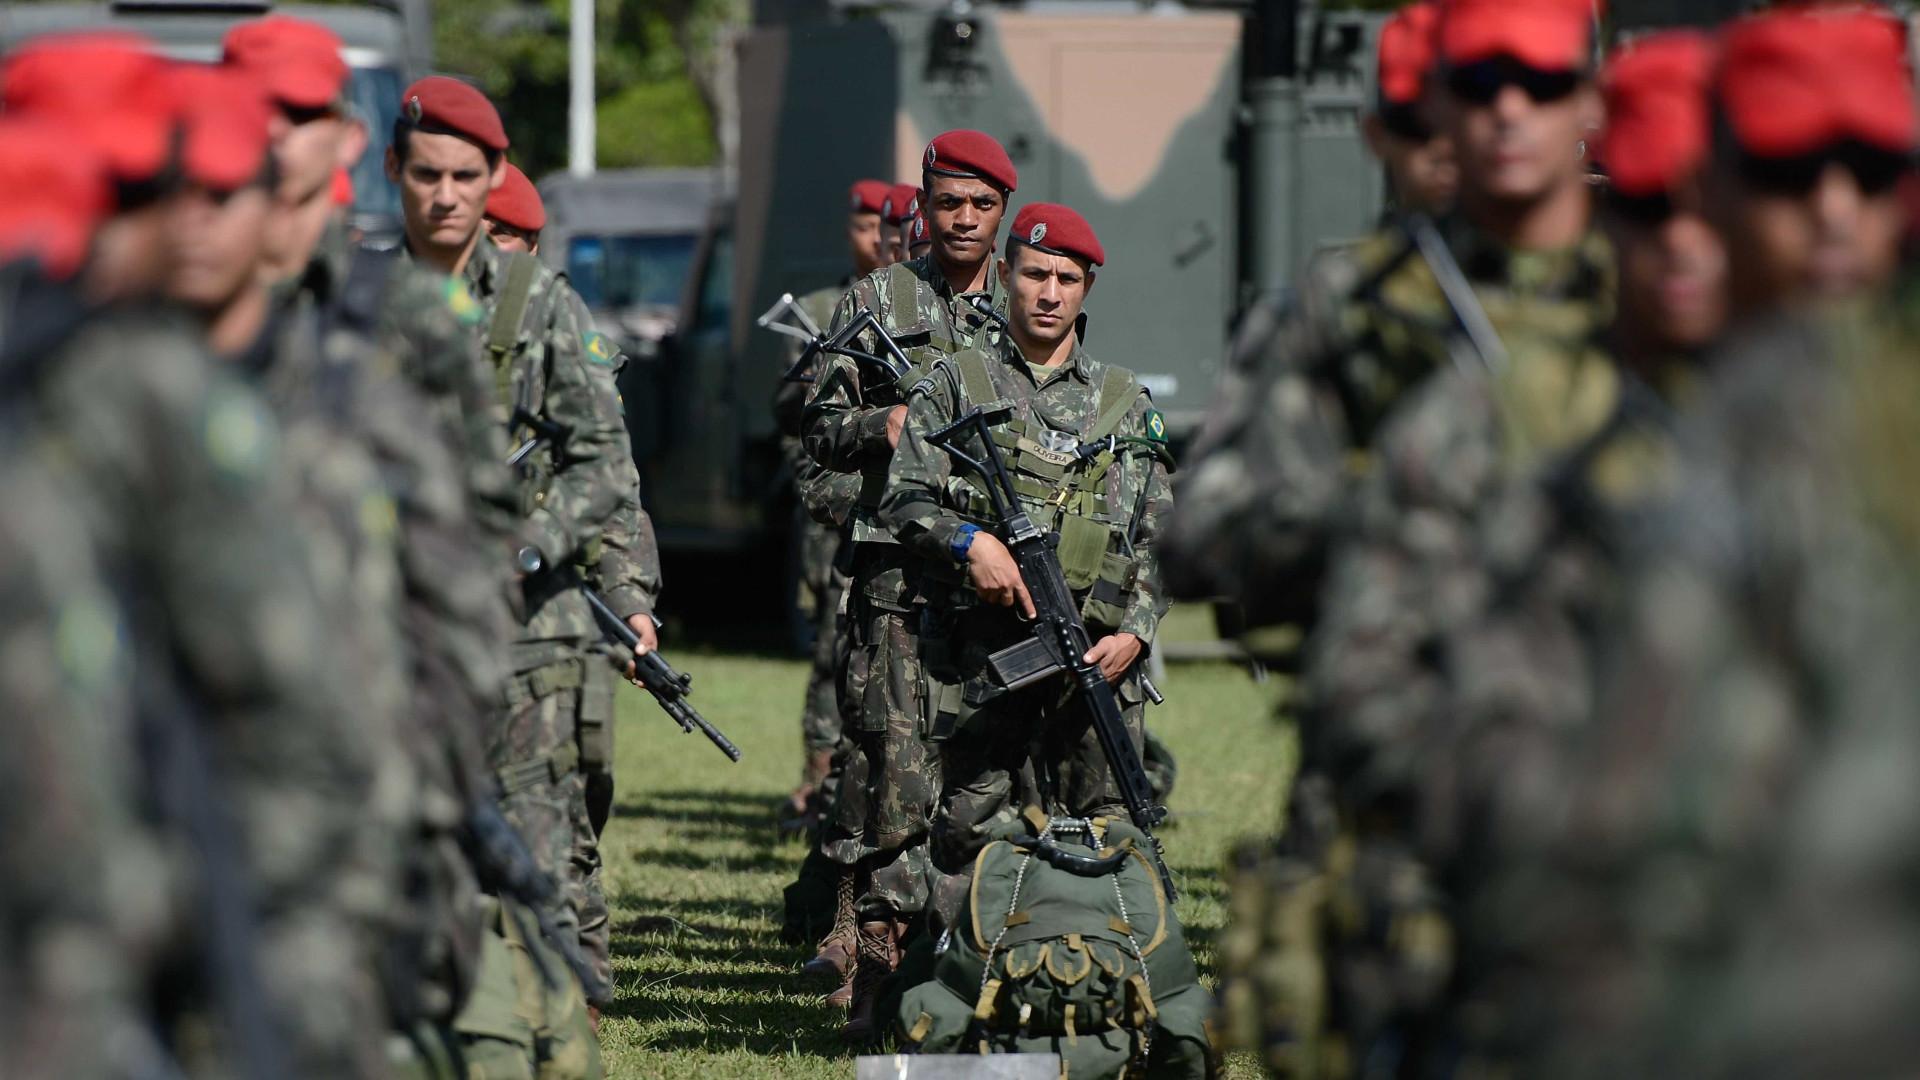 Investimentos militares no governo Temer crescem 36%